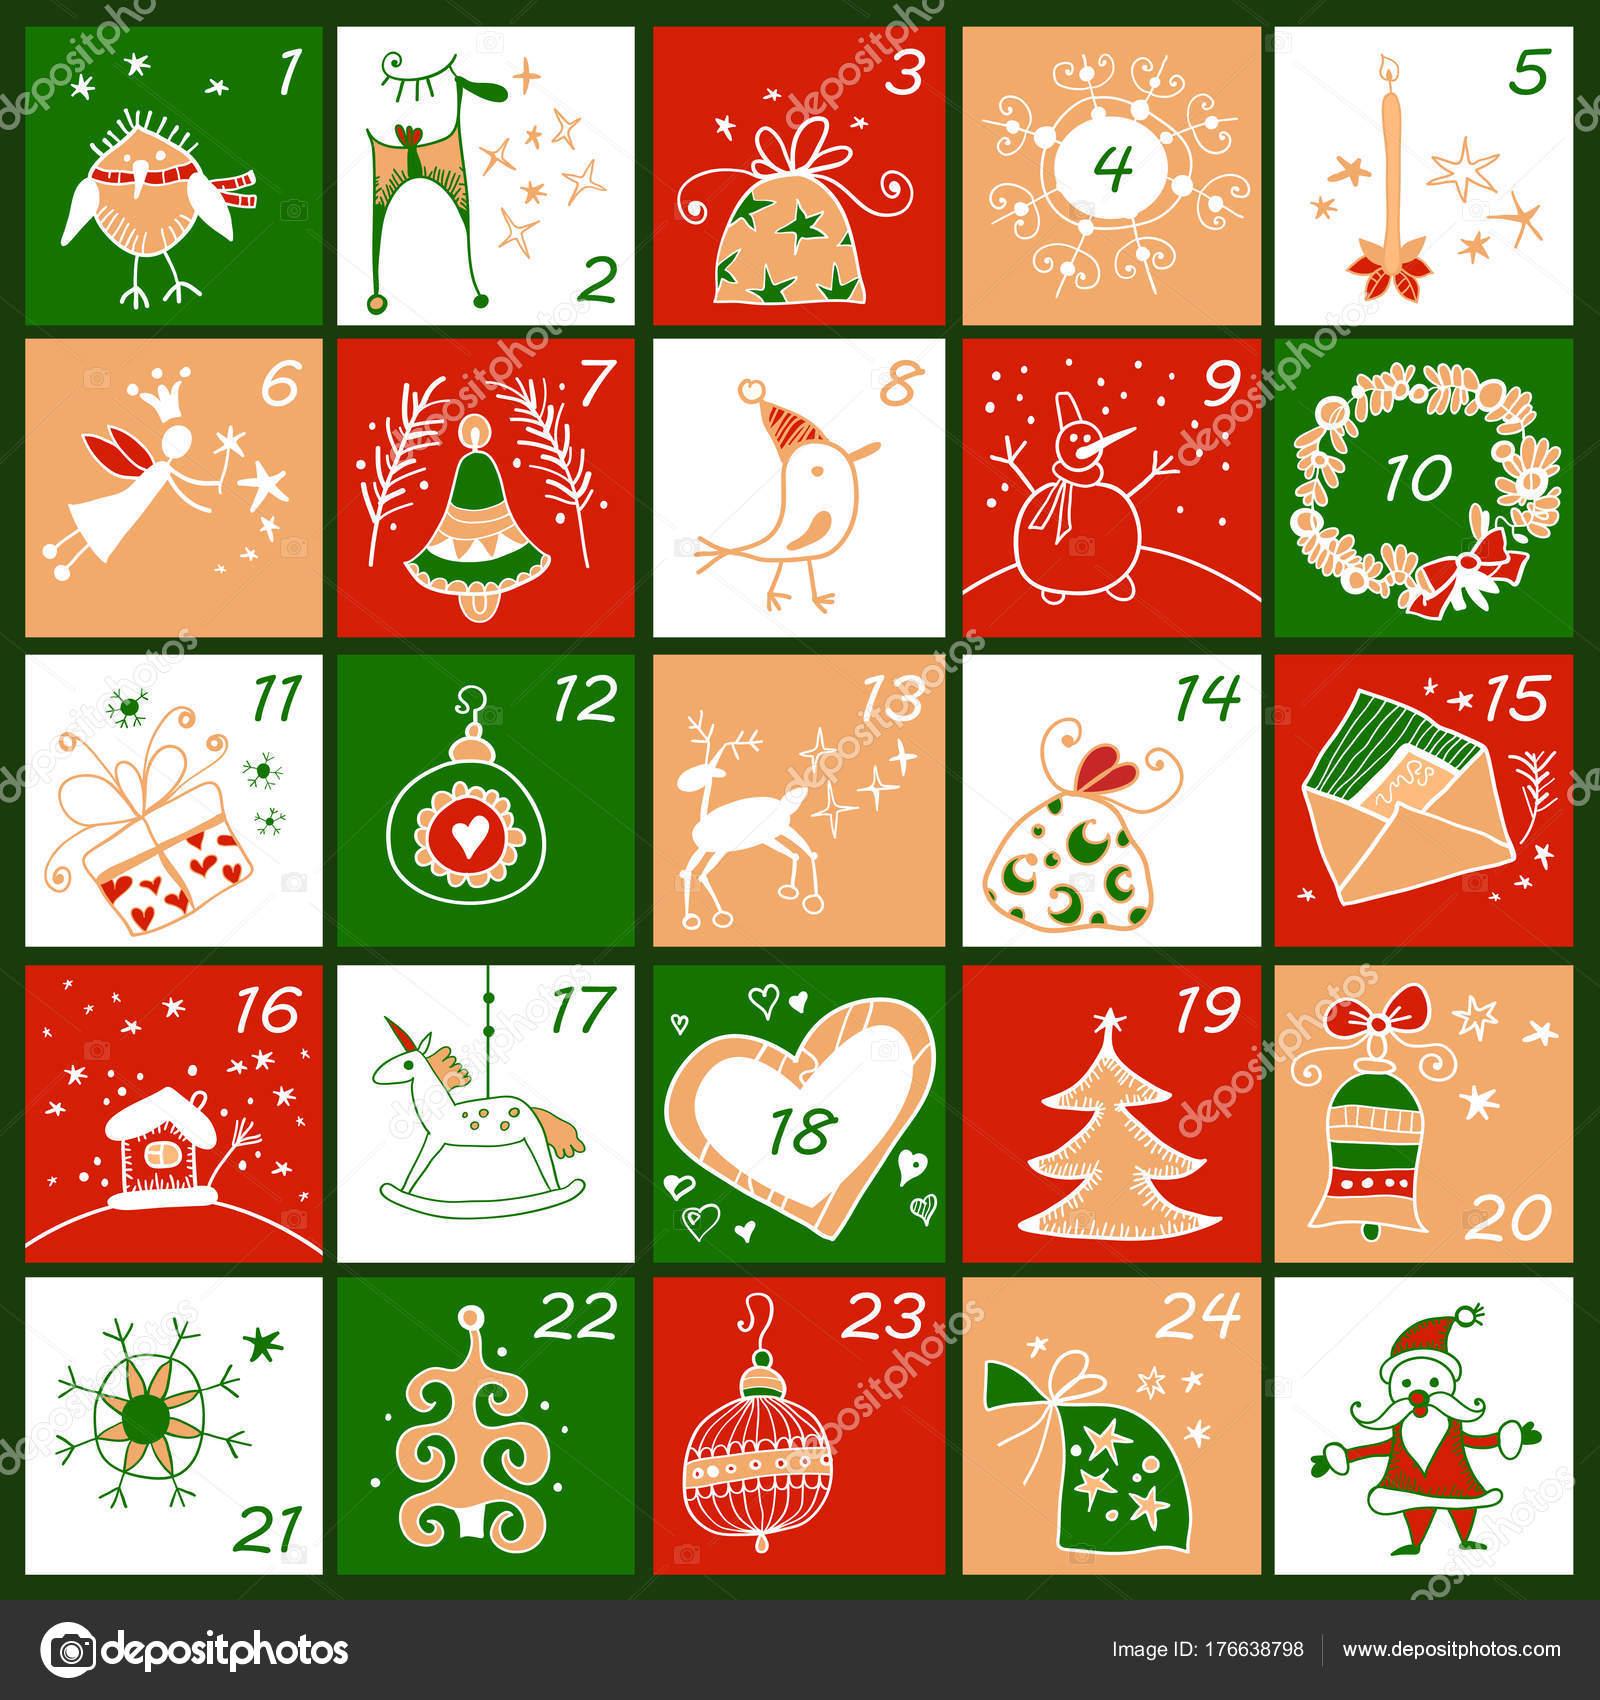 Calendario Adviento Infantil.Calendario De Adviento Cartel Infantil De Navidad Archivo